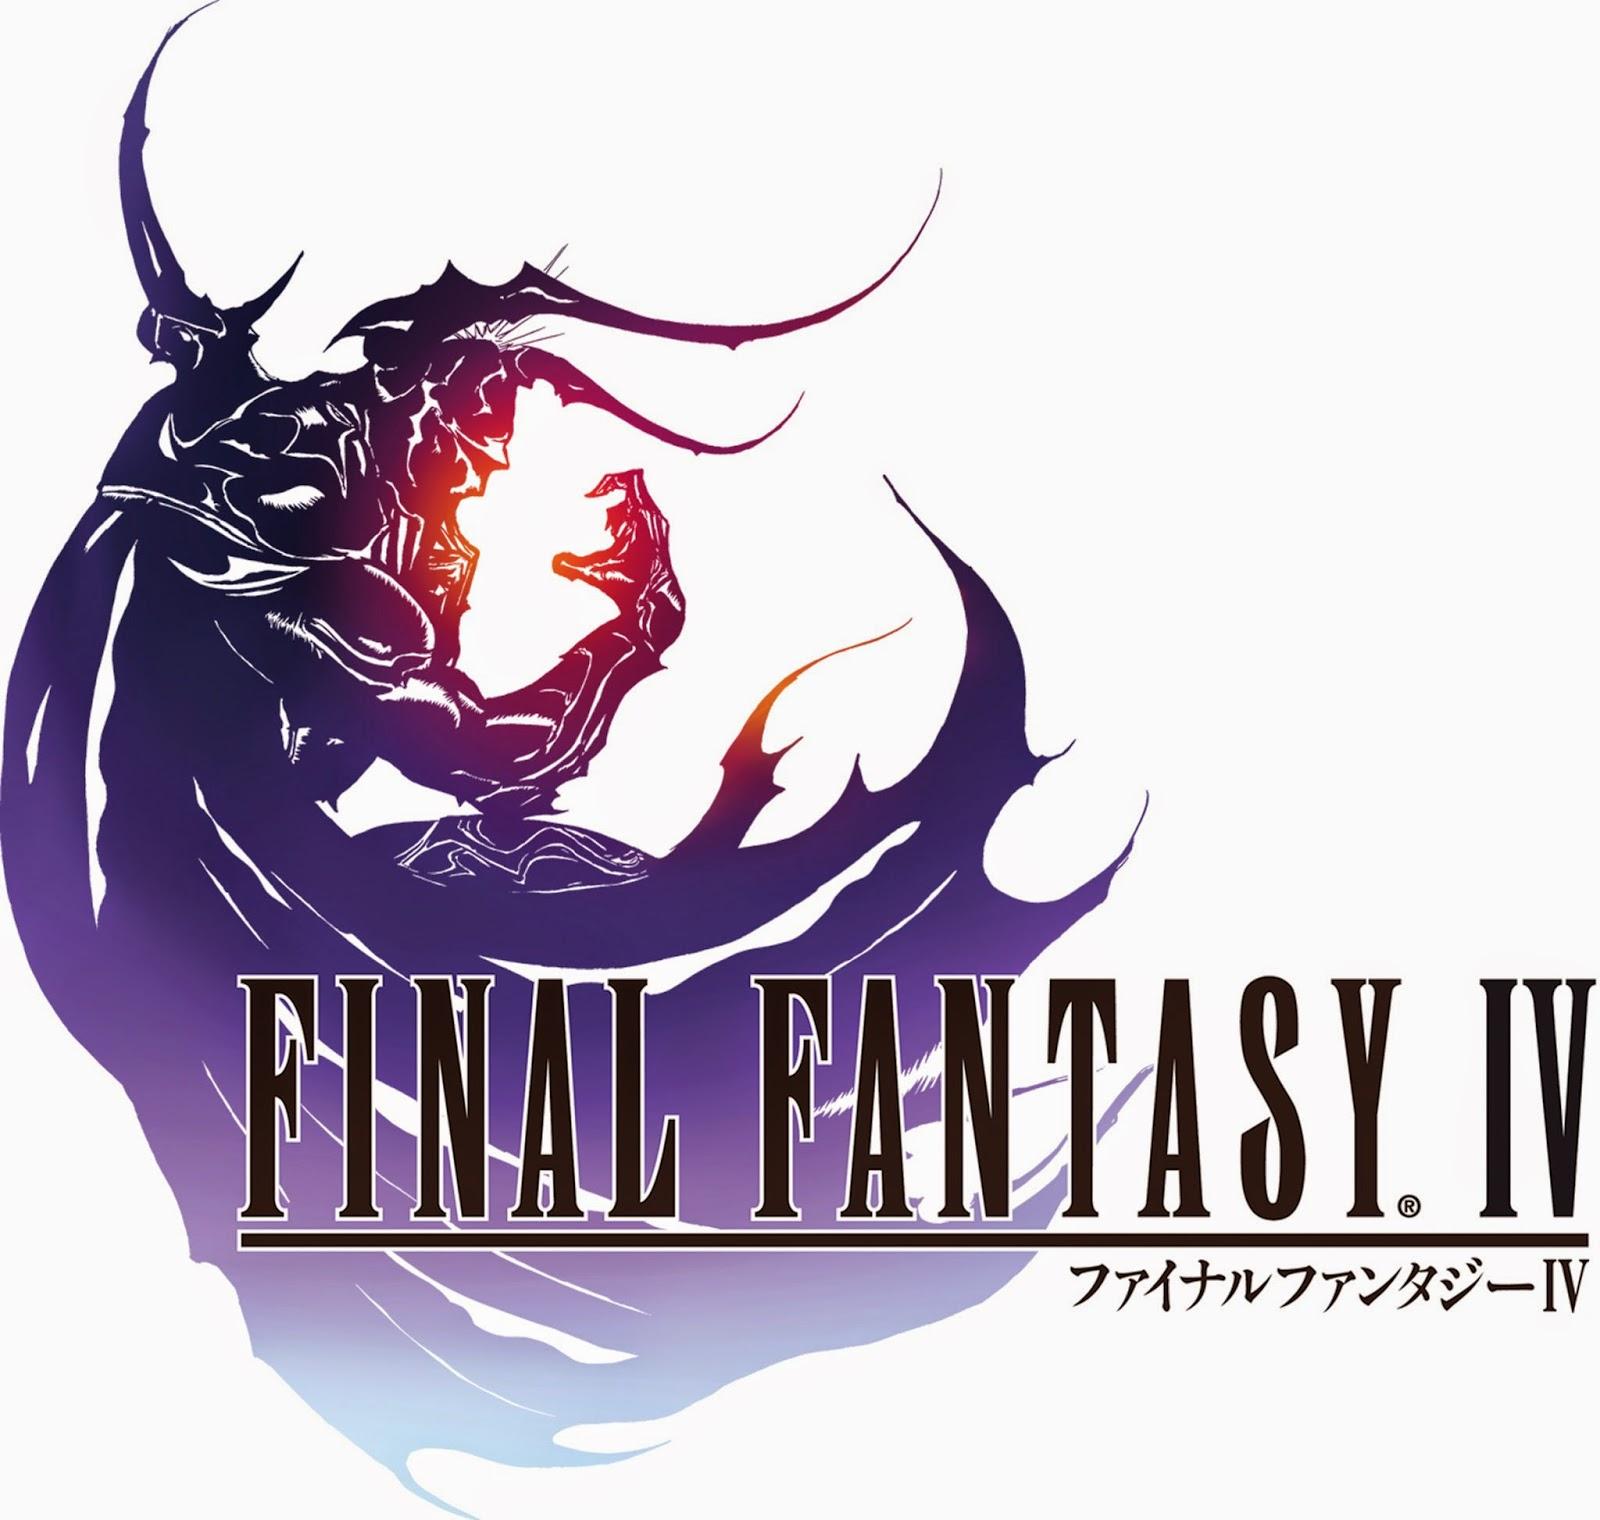 Final Fantasy IV v1.04 free download